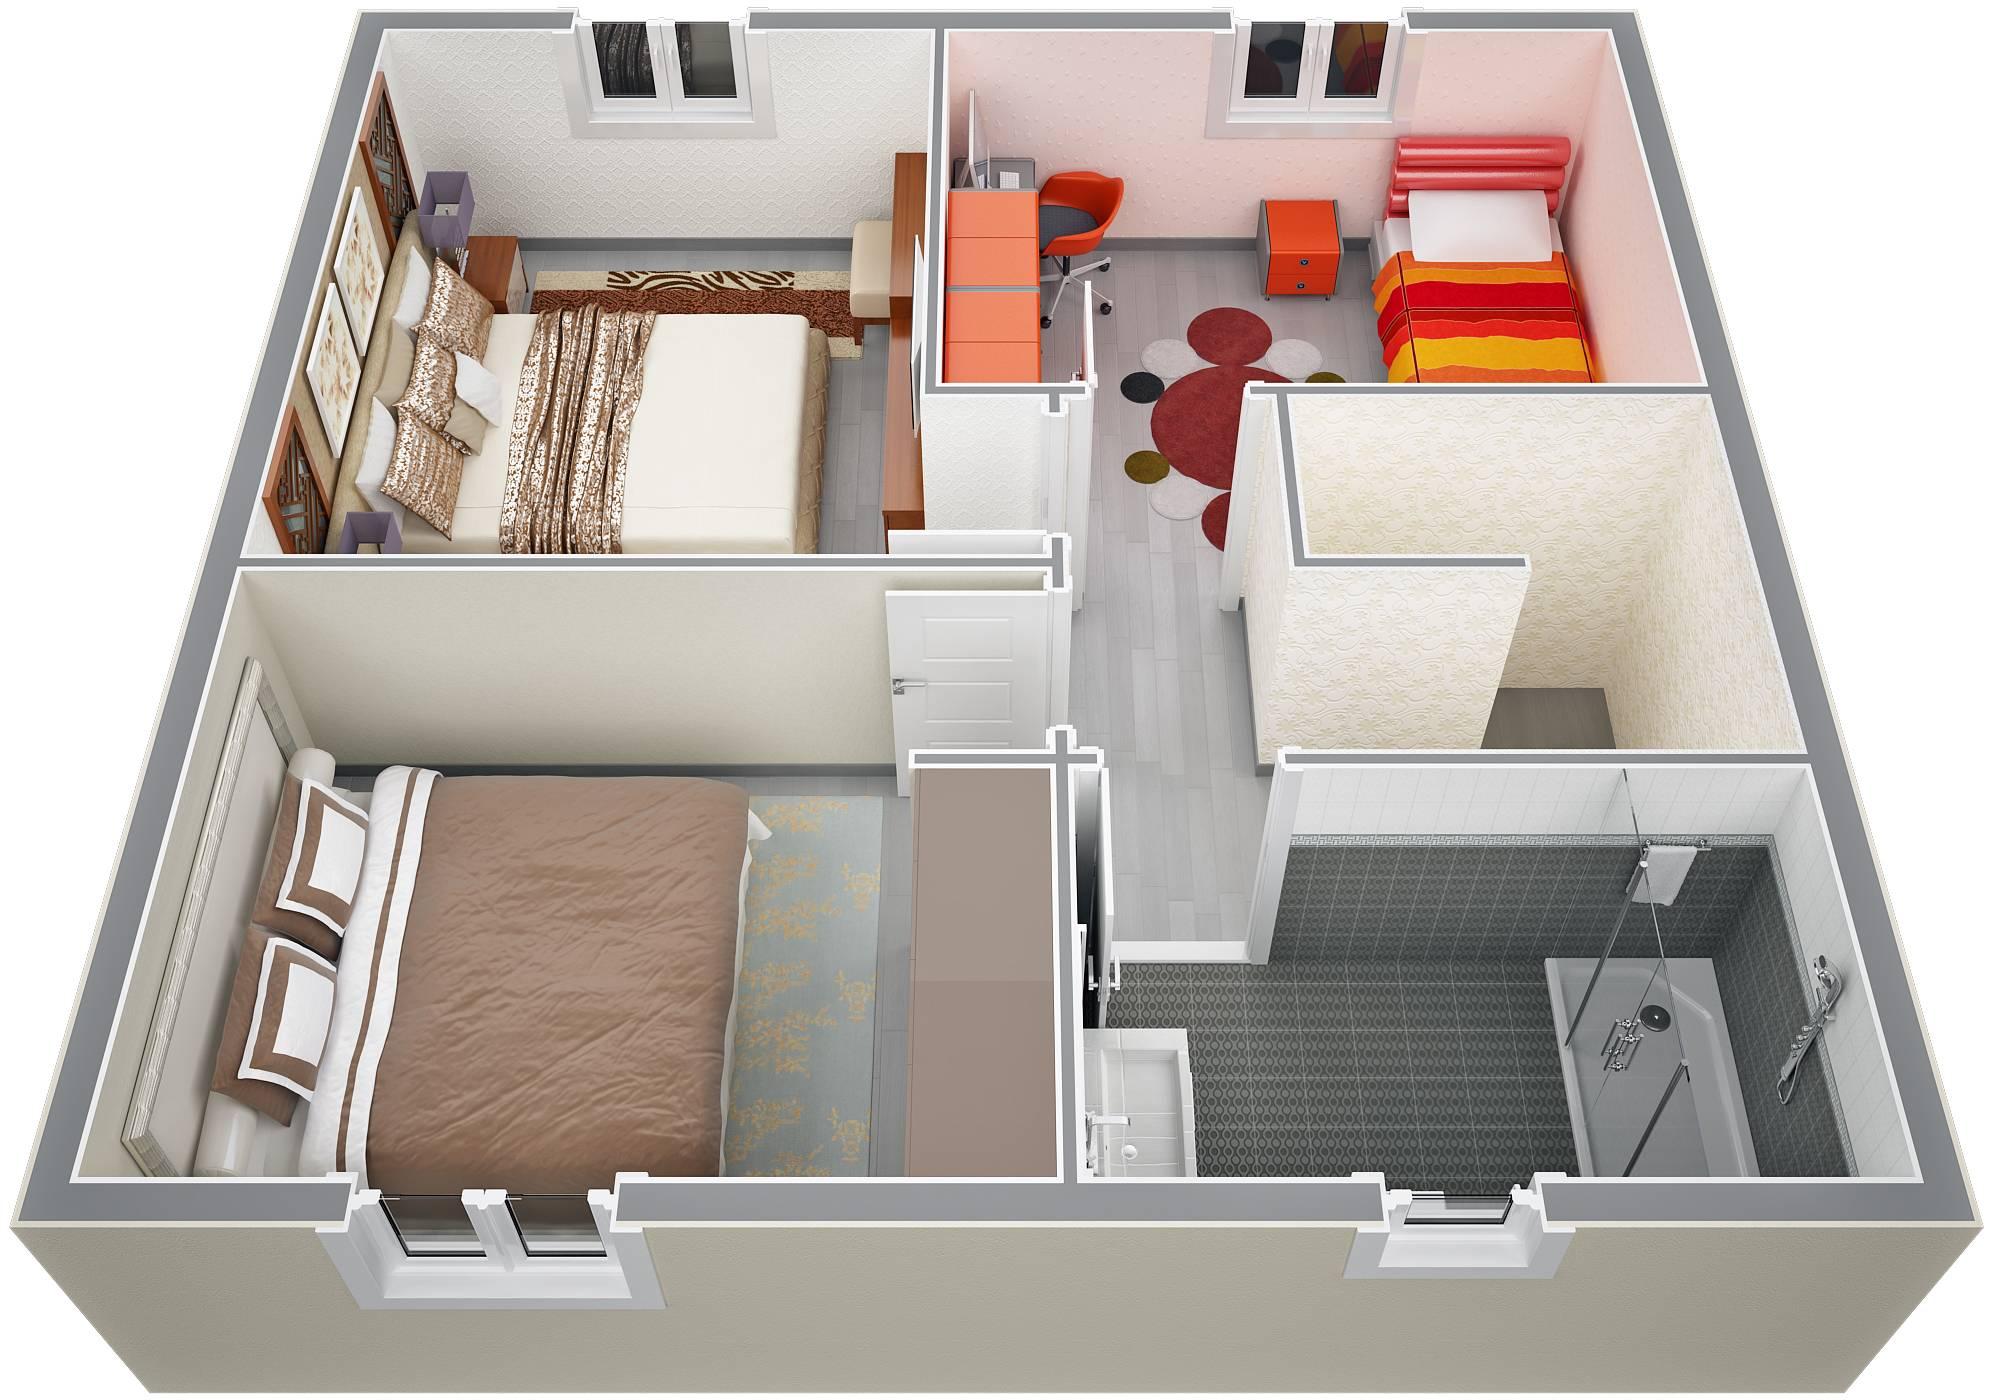 Villas cypr s 90m2 contruire dans la r gion paca azur for Salle de bain 6m2 rectangulaire